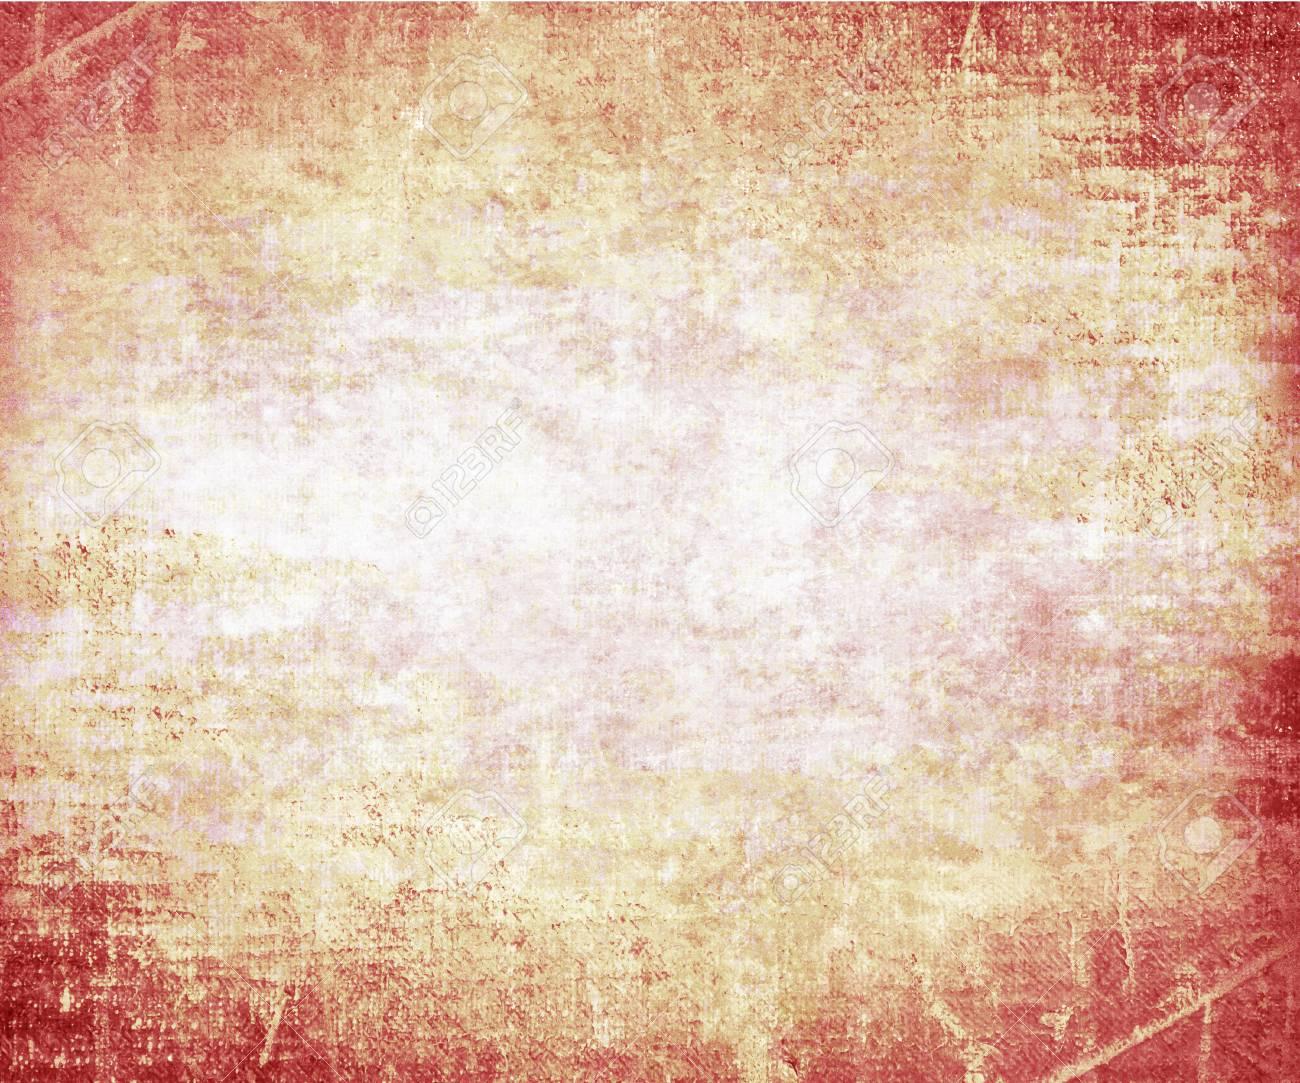 Grunge background - 43950328